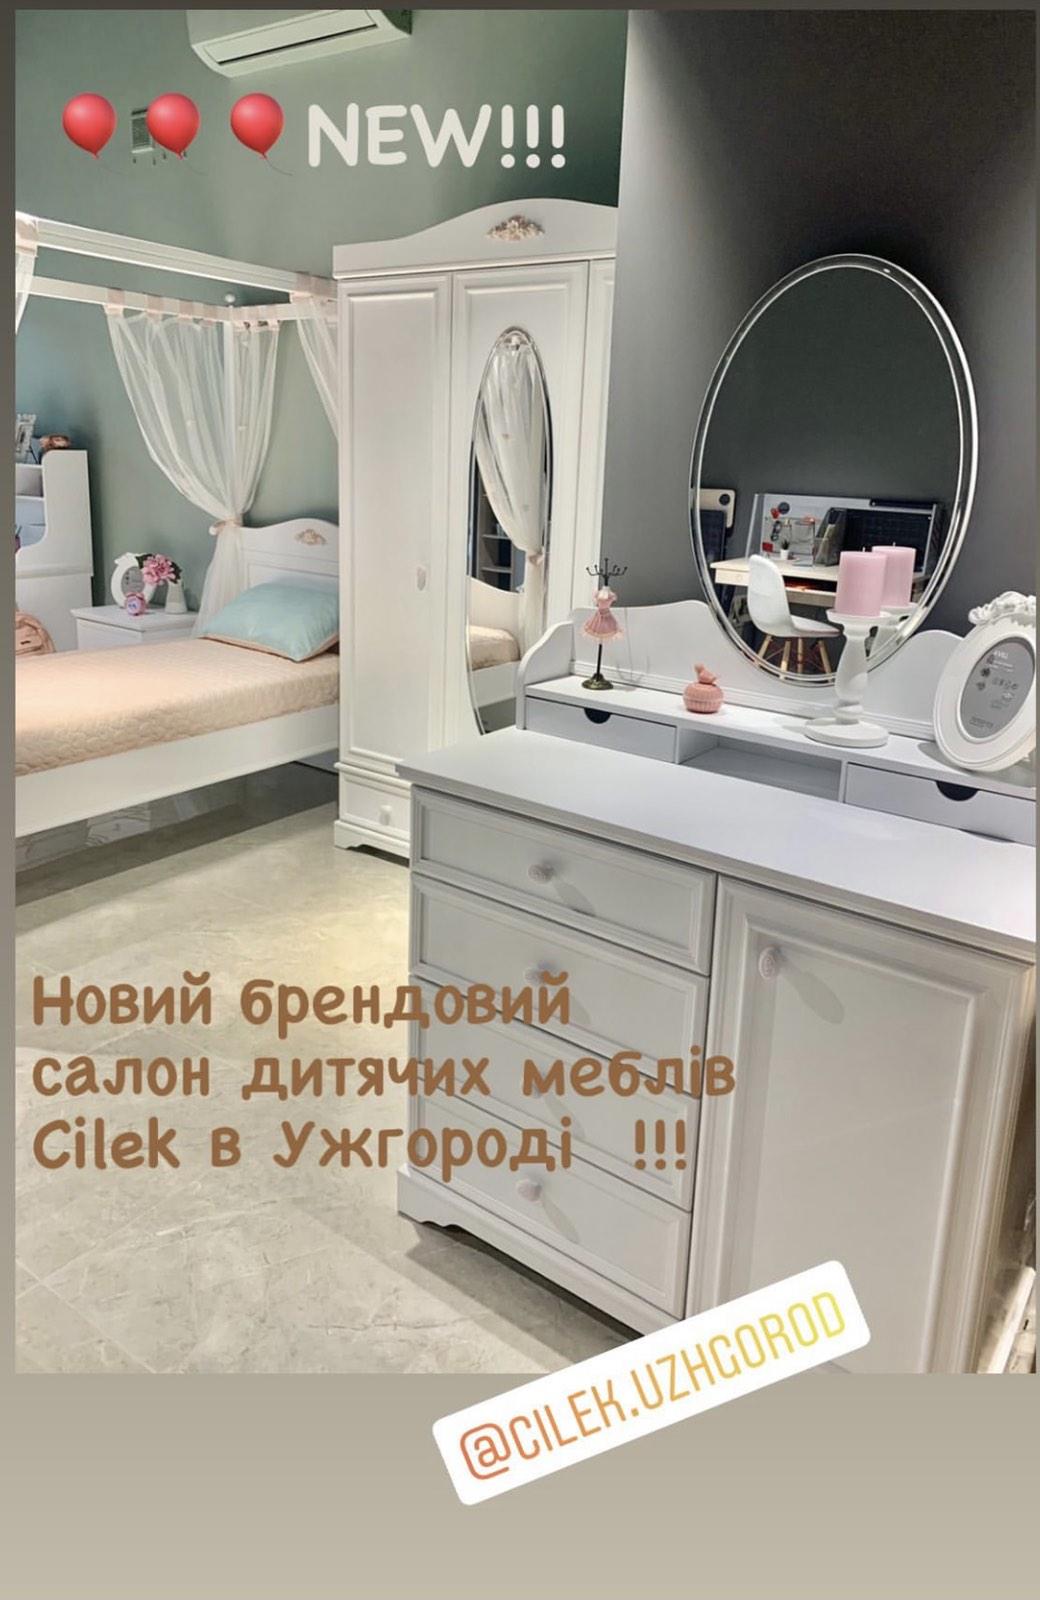 Відкриття нового брендового салону дитячих меблів Cilek!